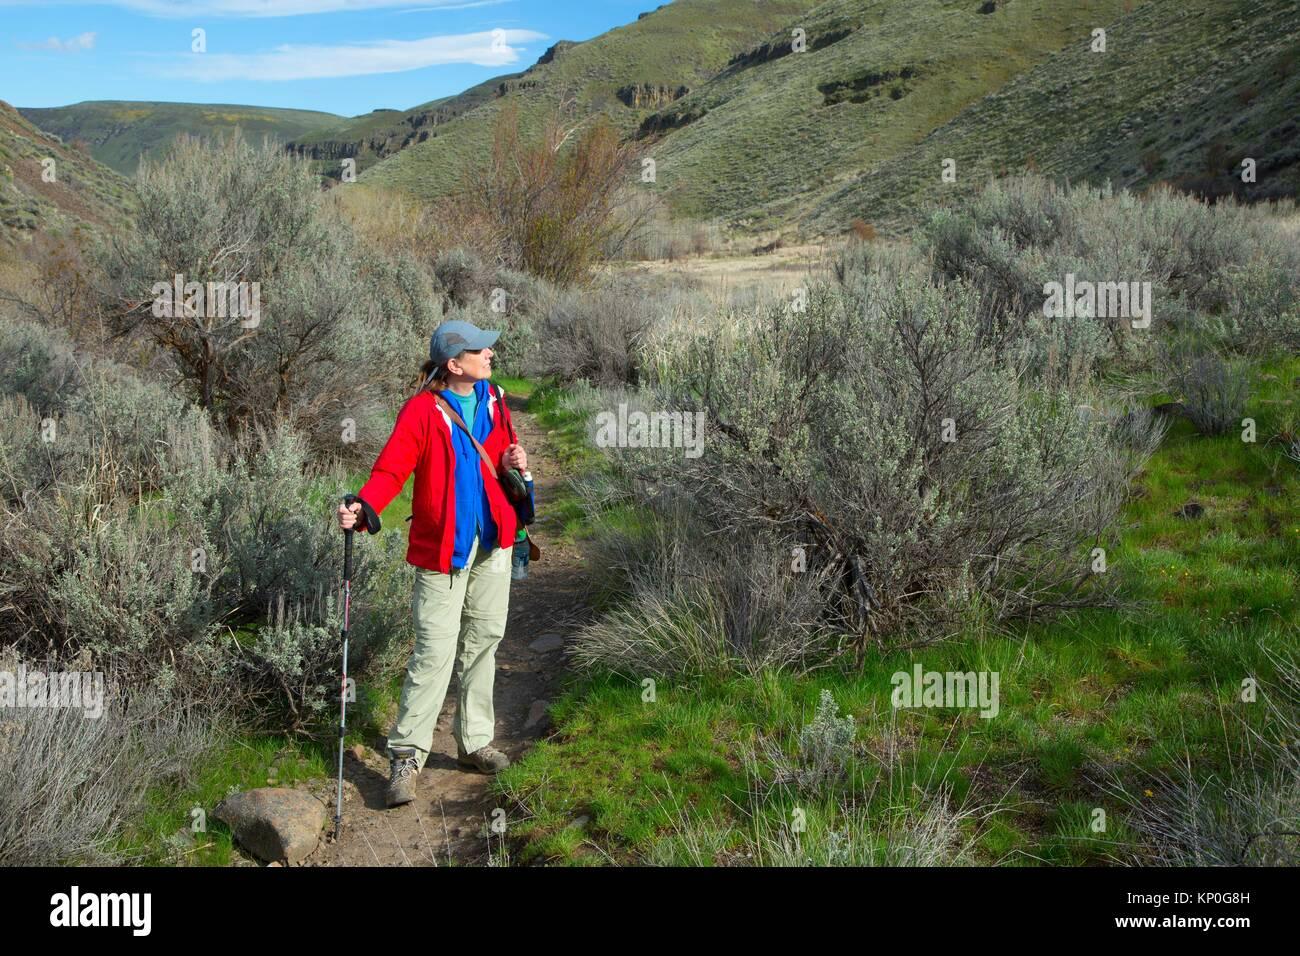 Umtanum Creek Trail, Yakima River Canyon Scenic e di attività ricreative autostrada, Wenas membro Area faunistica, Immagini Stock